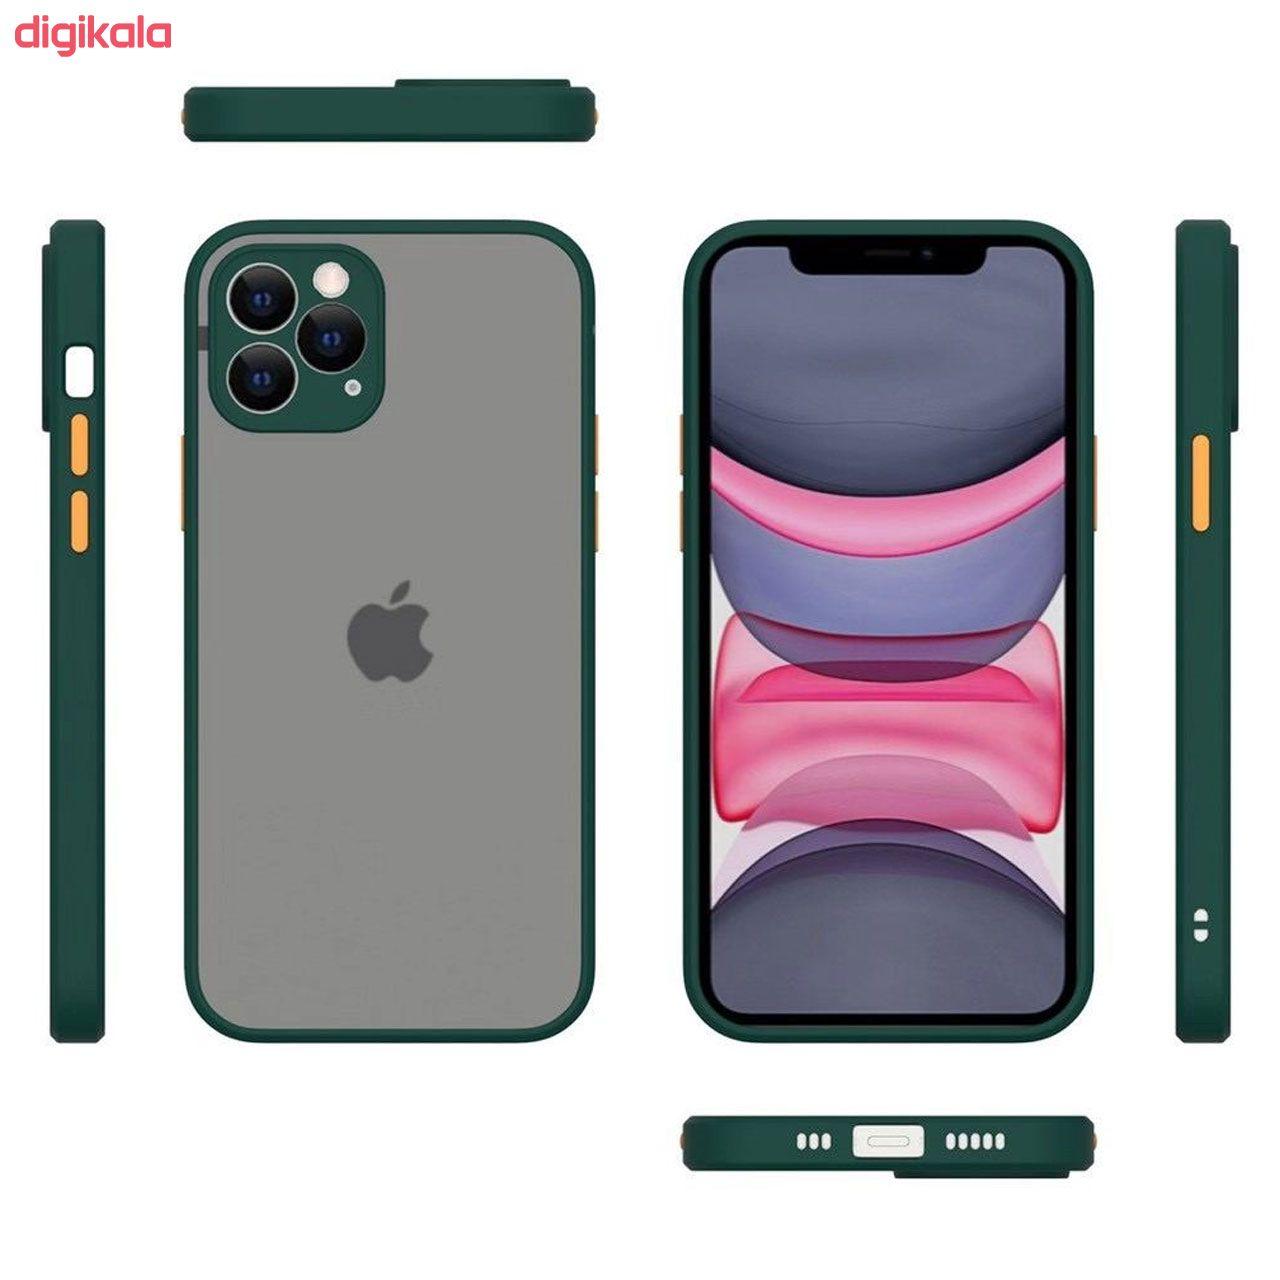 کاور مدل PM مناسب برای گوشی موبایل اپل iPhone 12 Pro Max main 1 2